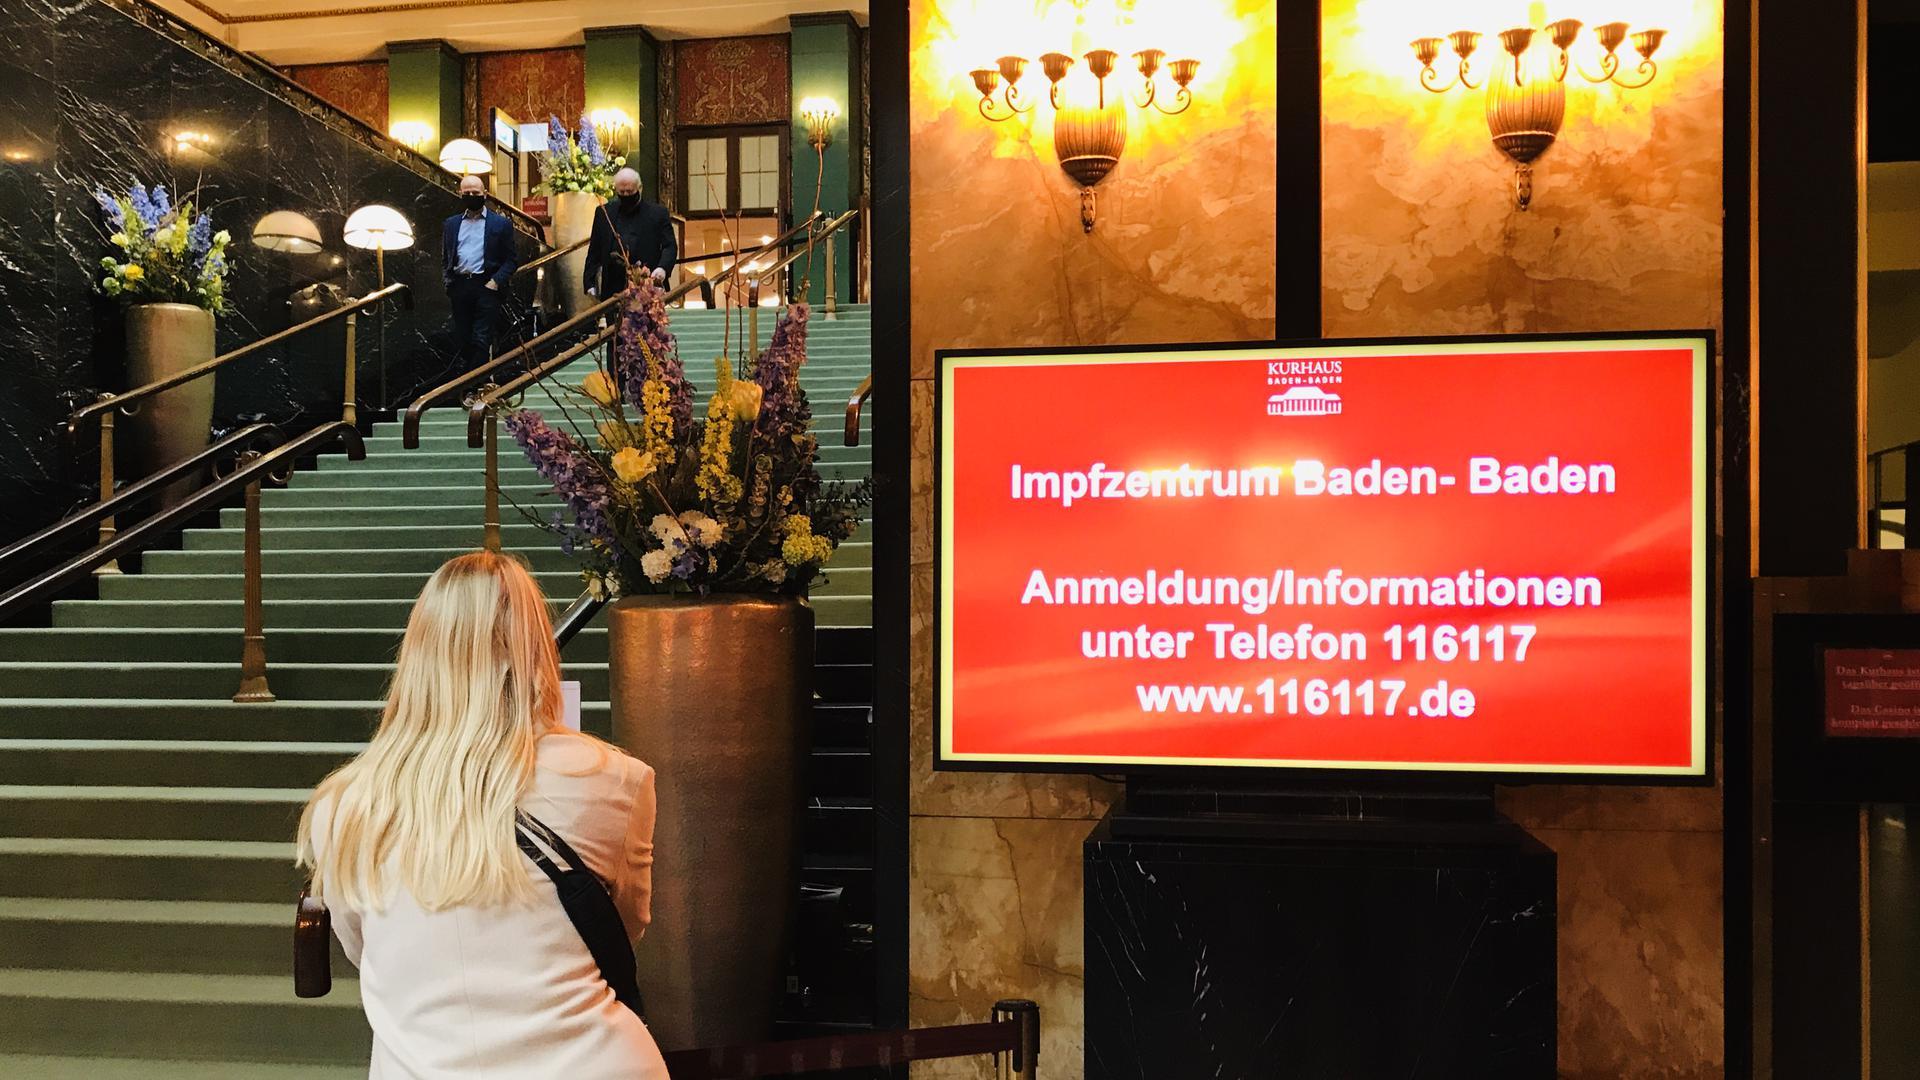 Am Eingang zum geplanten Impfzentrum im Kurhaus Baden-Baden wird auf die Anmeldung über die Telefonnummer 116117 hingewiesen.